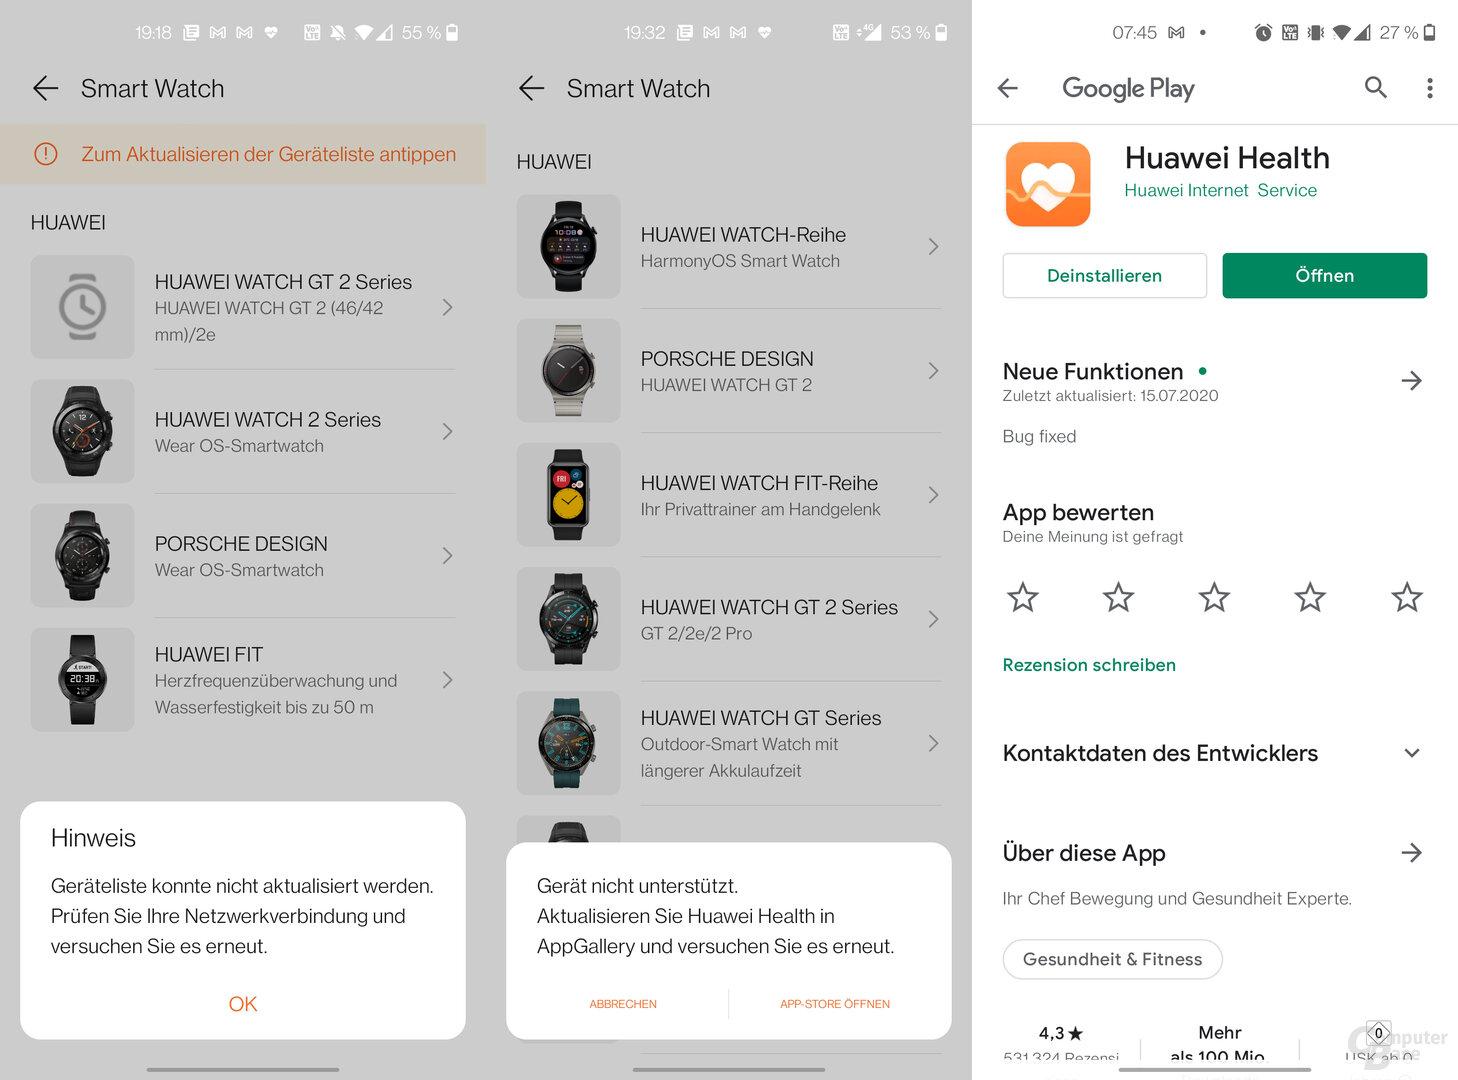 Huawei Watch 3 Pro im Test: Pairing sorgt für Frust